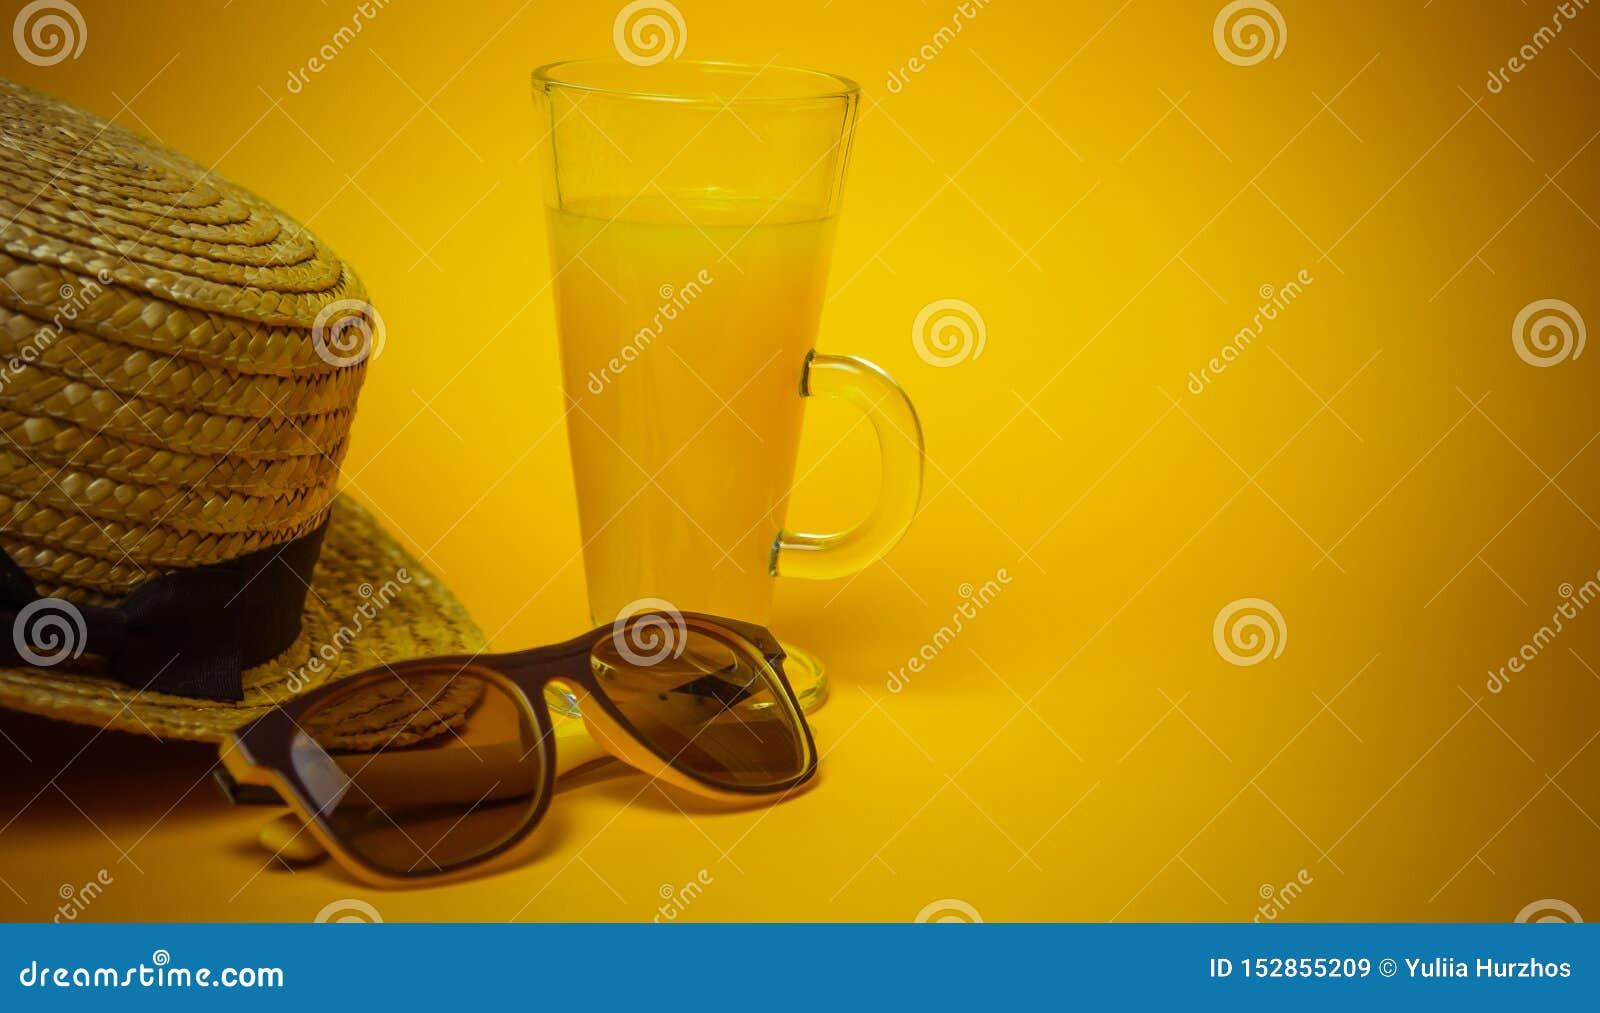 Begrepp av avkoppling och som törstar på stranden ett exponeringsglas av lemonad på en gul bakgrund med solglasögon och en sugrör